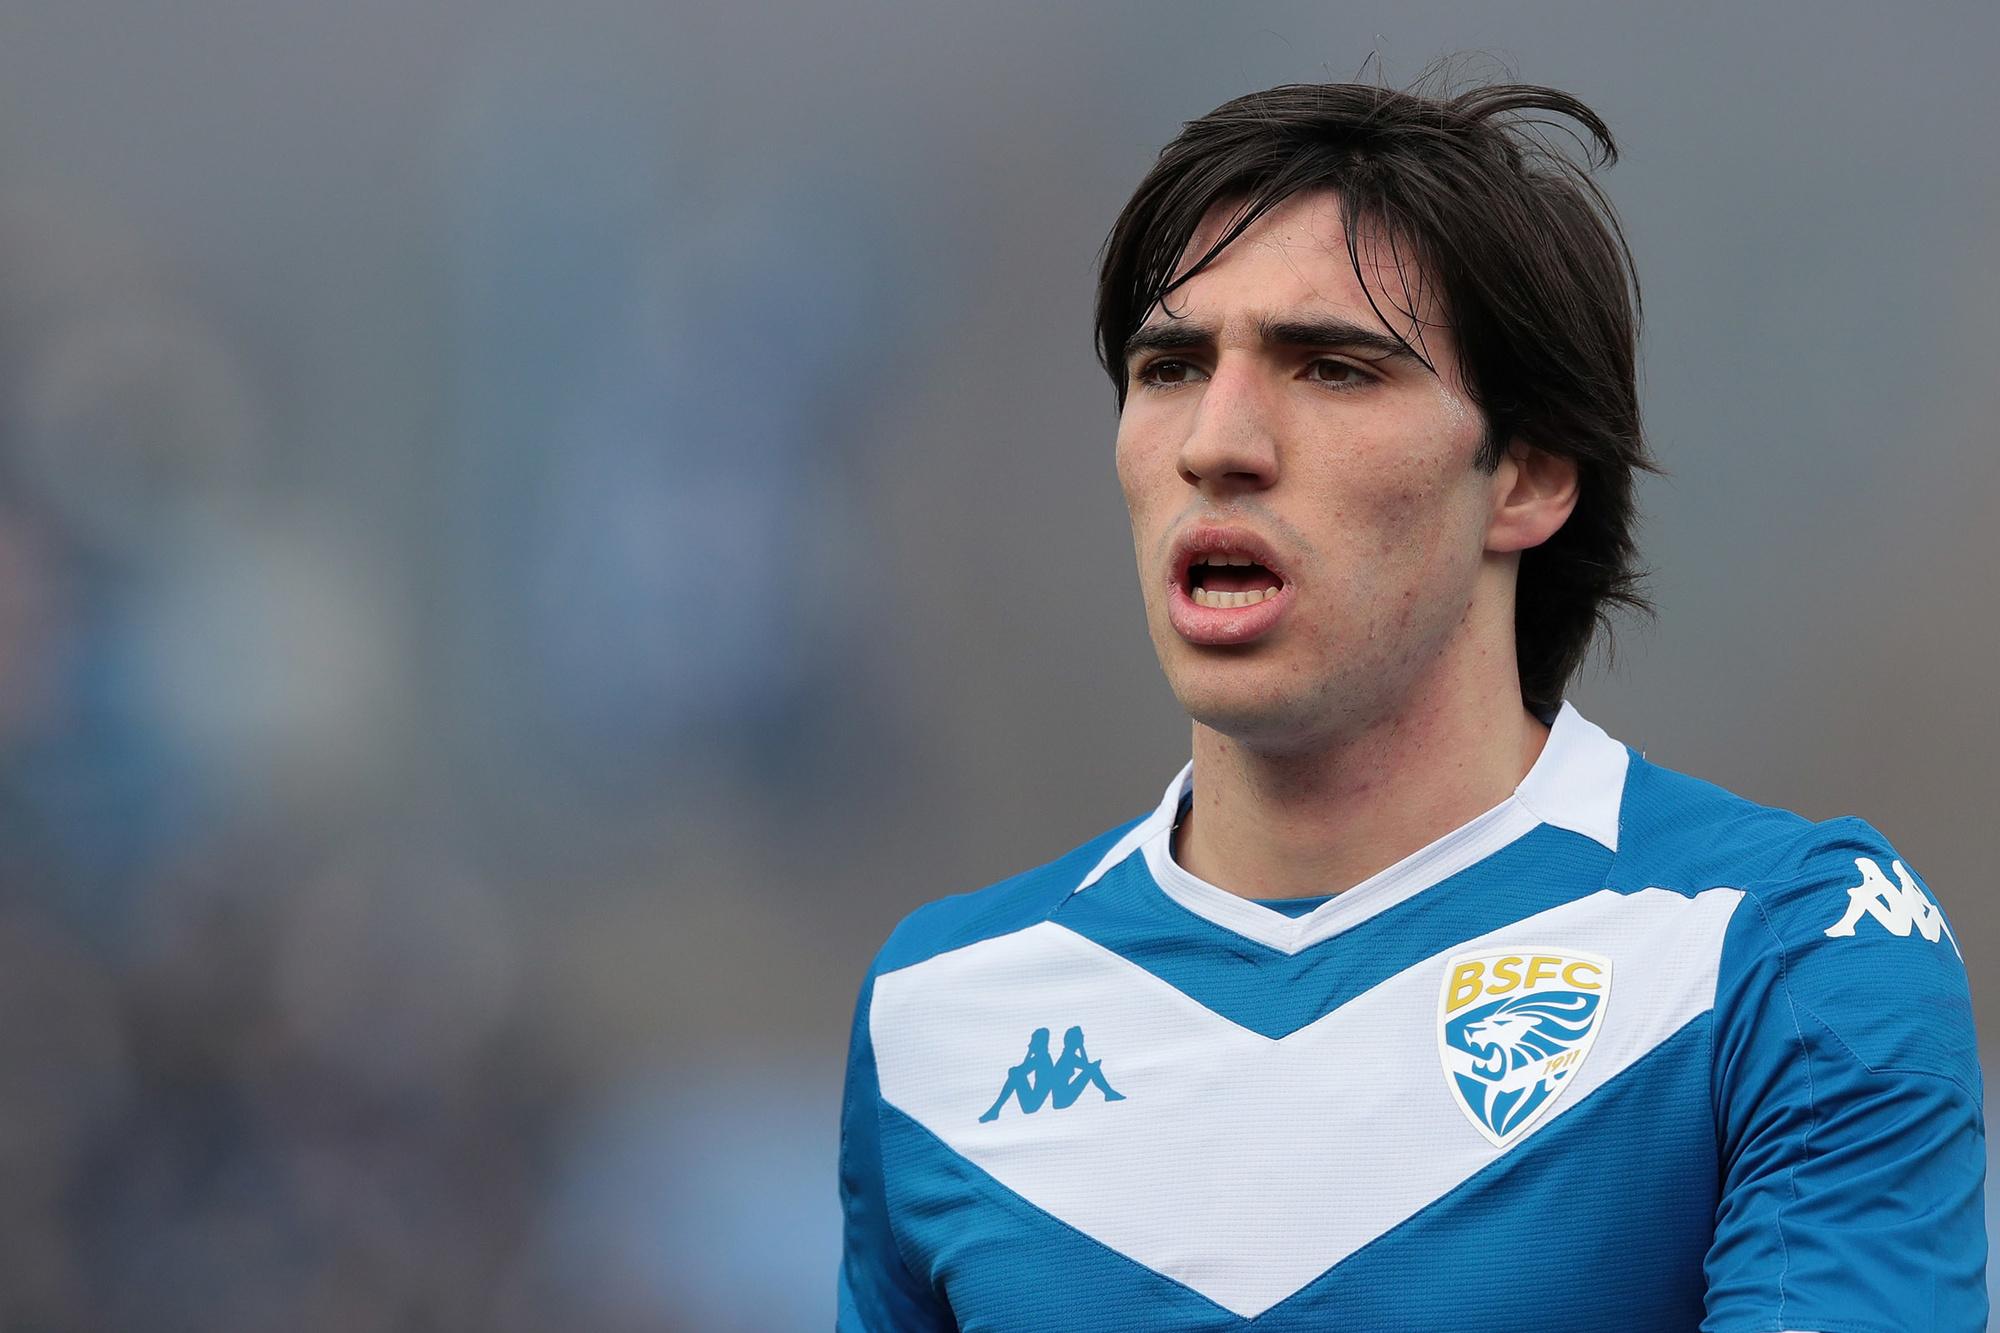 'De nieuwe Pirlo', zo wordt Sandro Tonali genoemd., GETTY